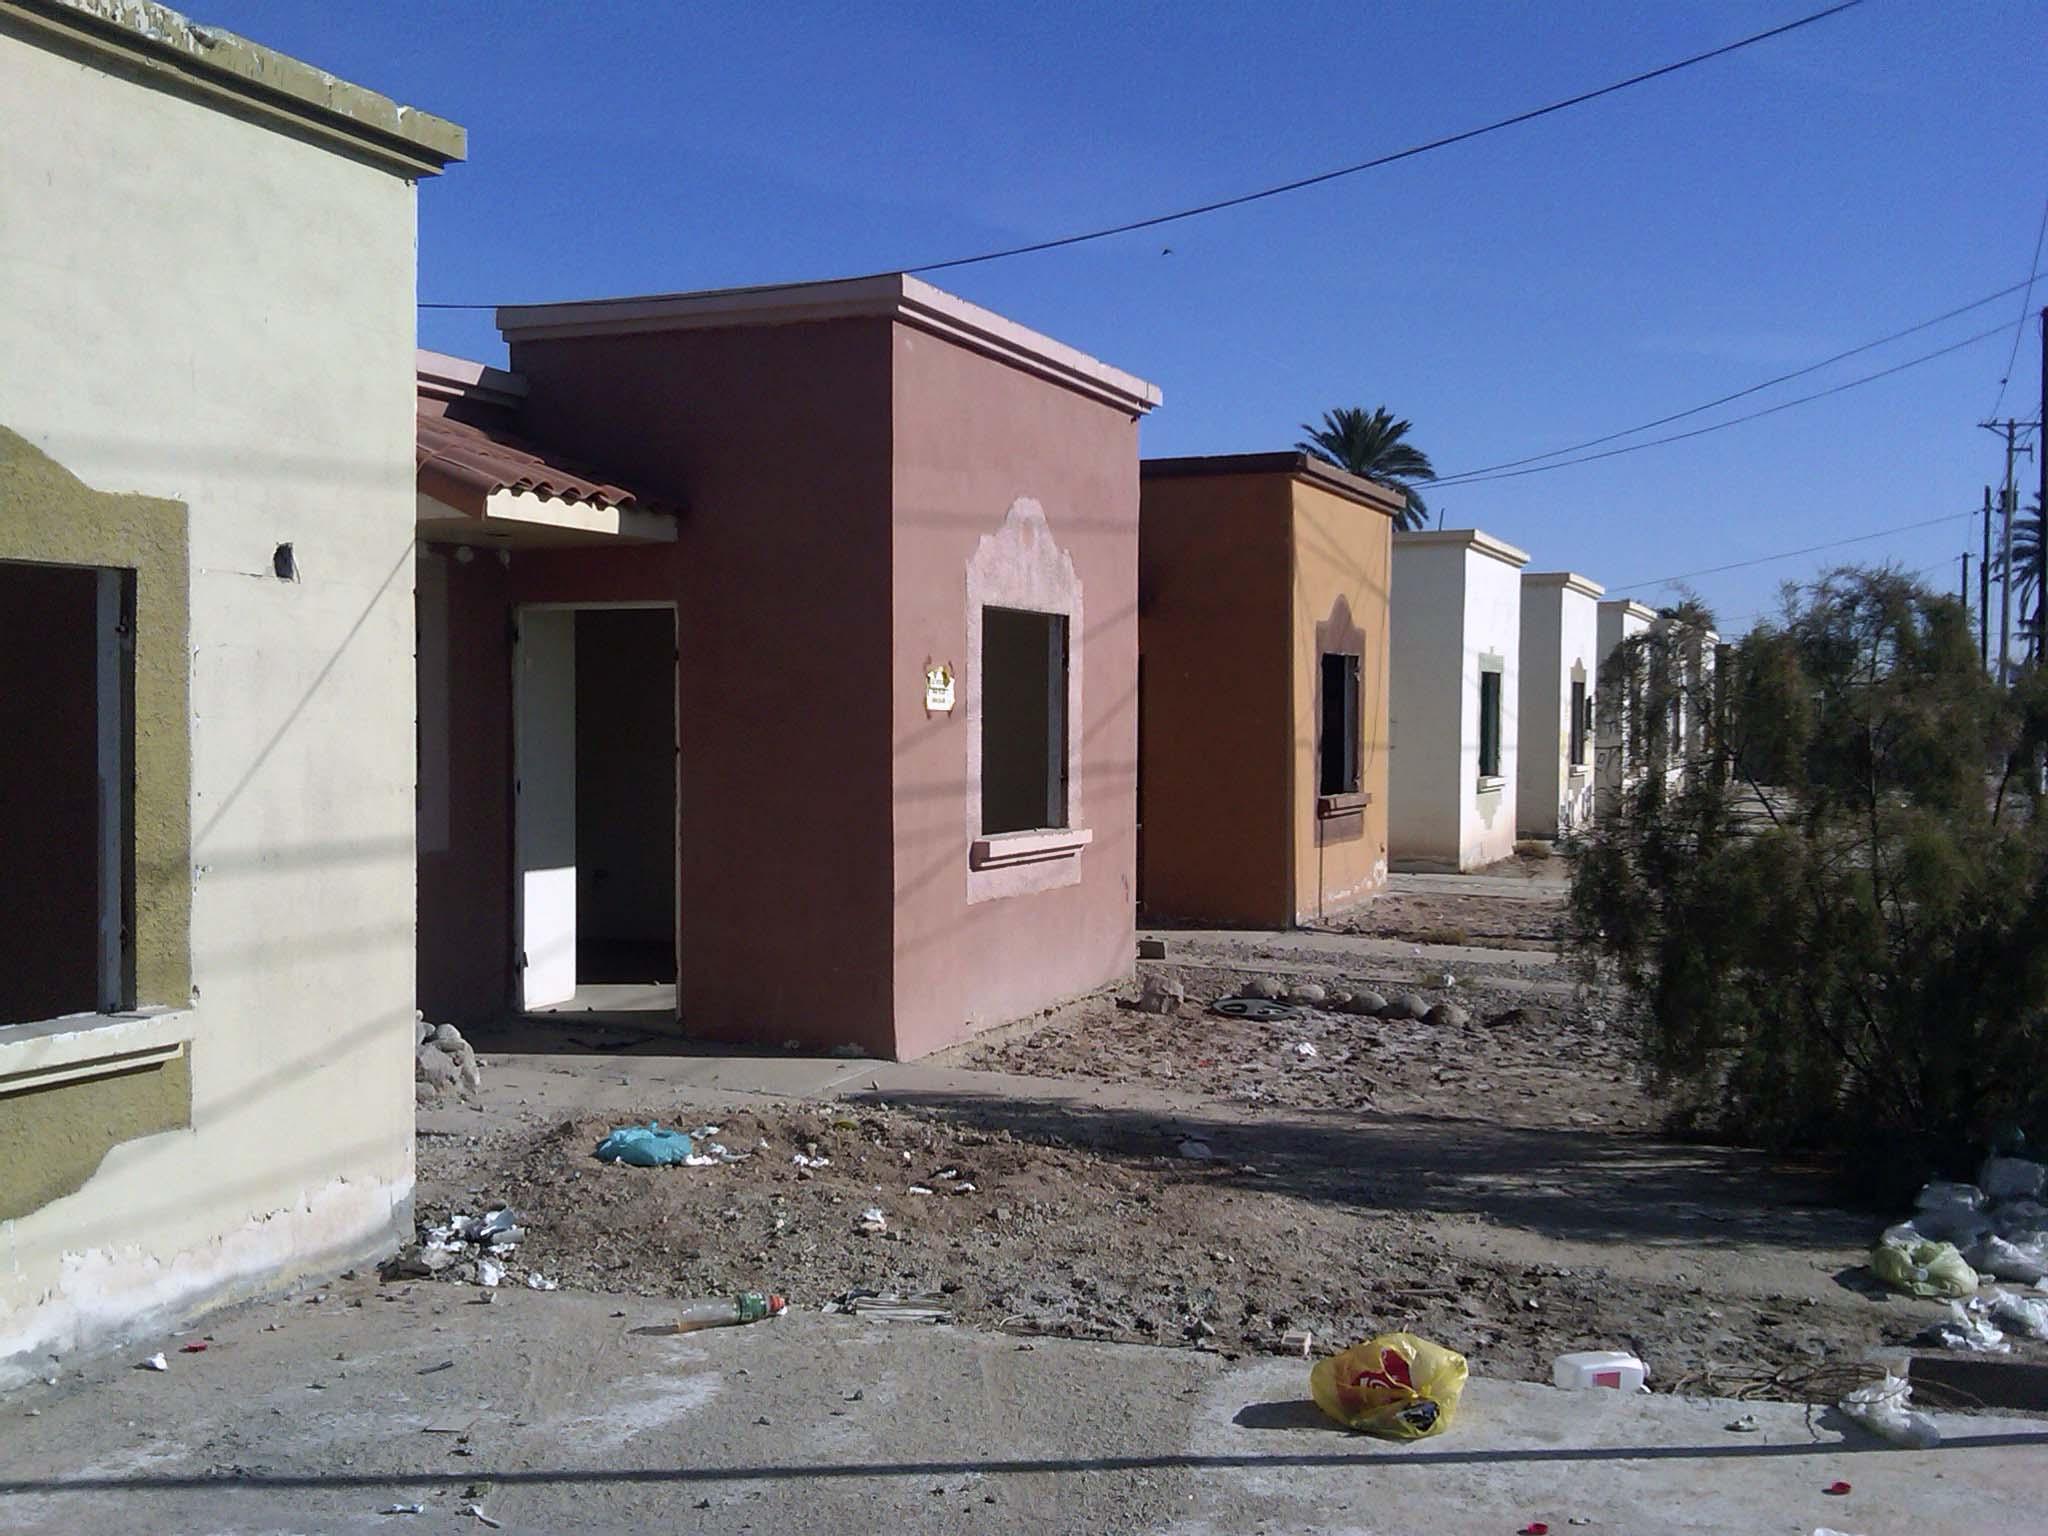 Casas Infonavit Estado De Mexico : Ctm negocia con infonavit la venta de casas abandonadas federación